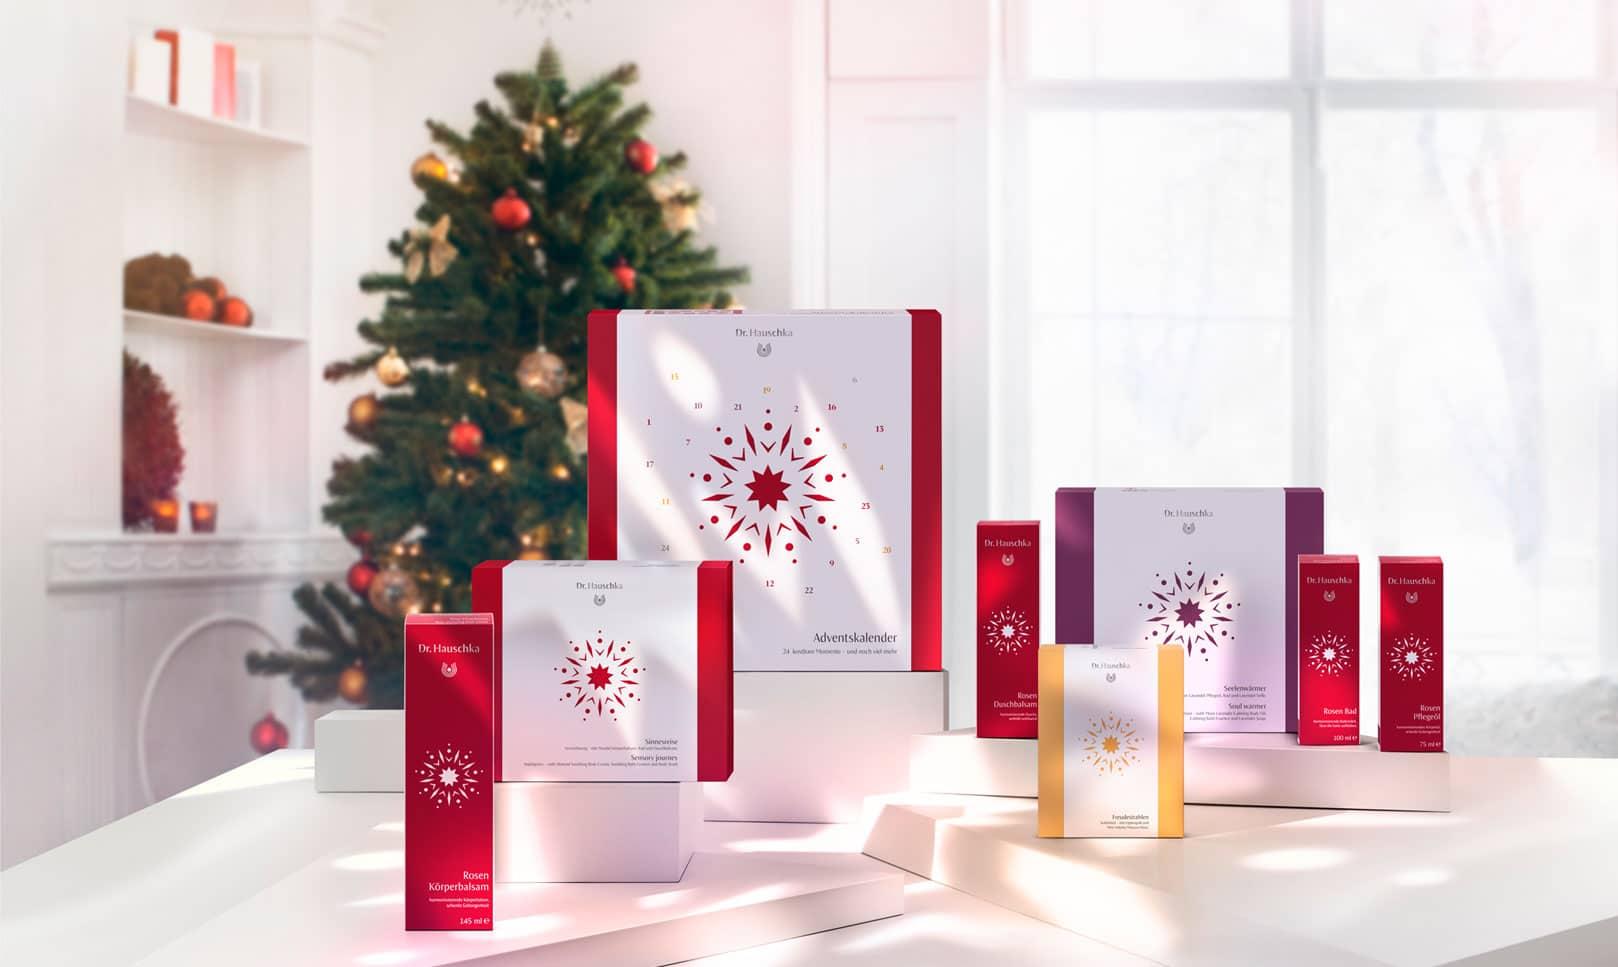 Natale Dr. Hauschka 2017: cofanetti skincare e make-up e calendario dell'avvento - Info, foto, prezzi, recensione